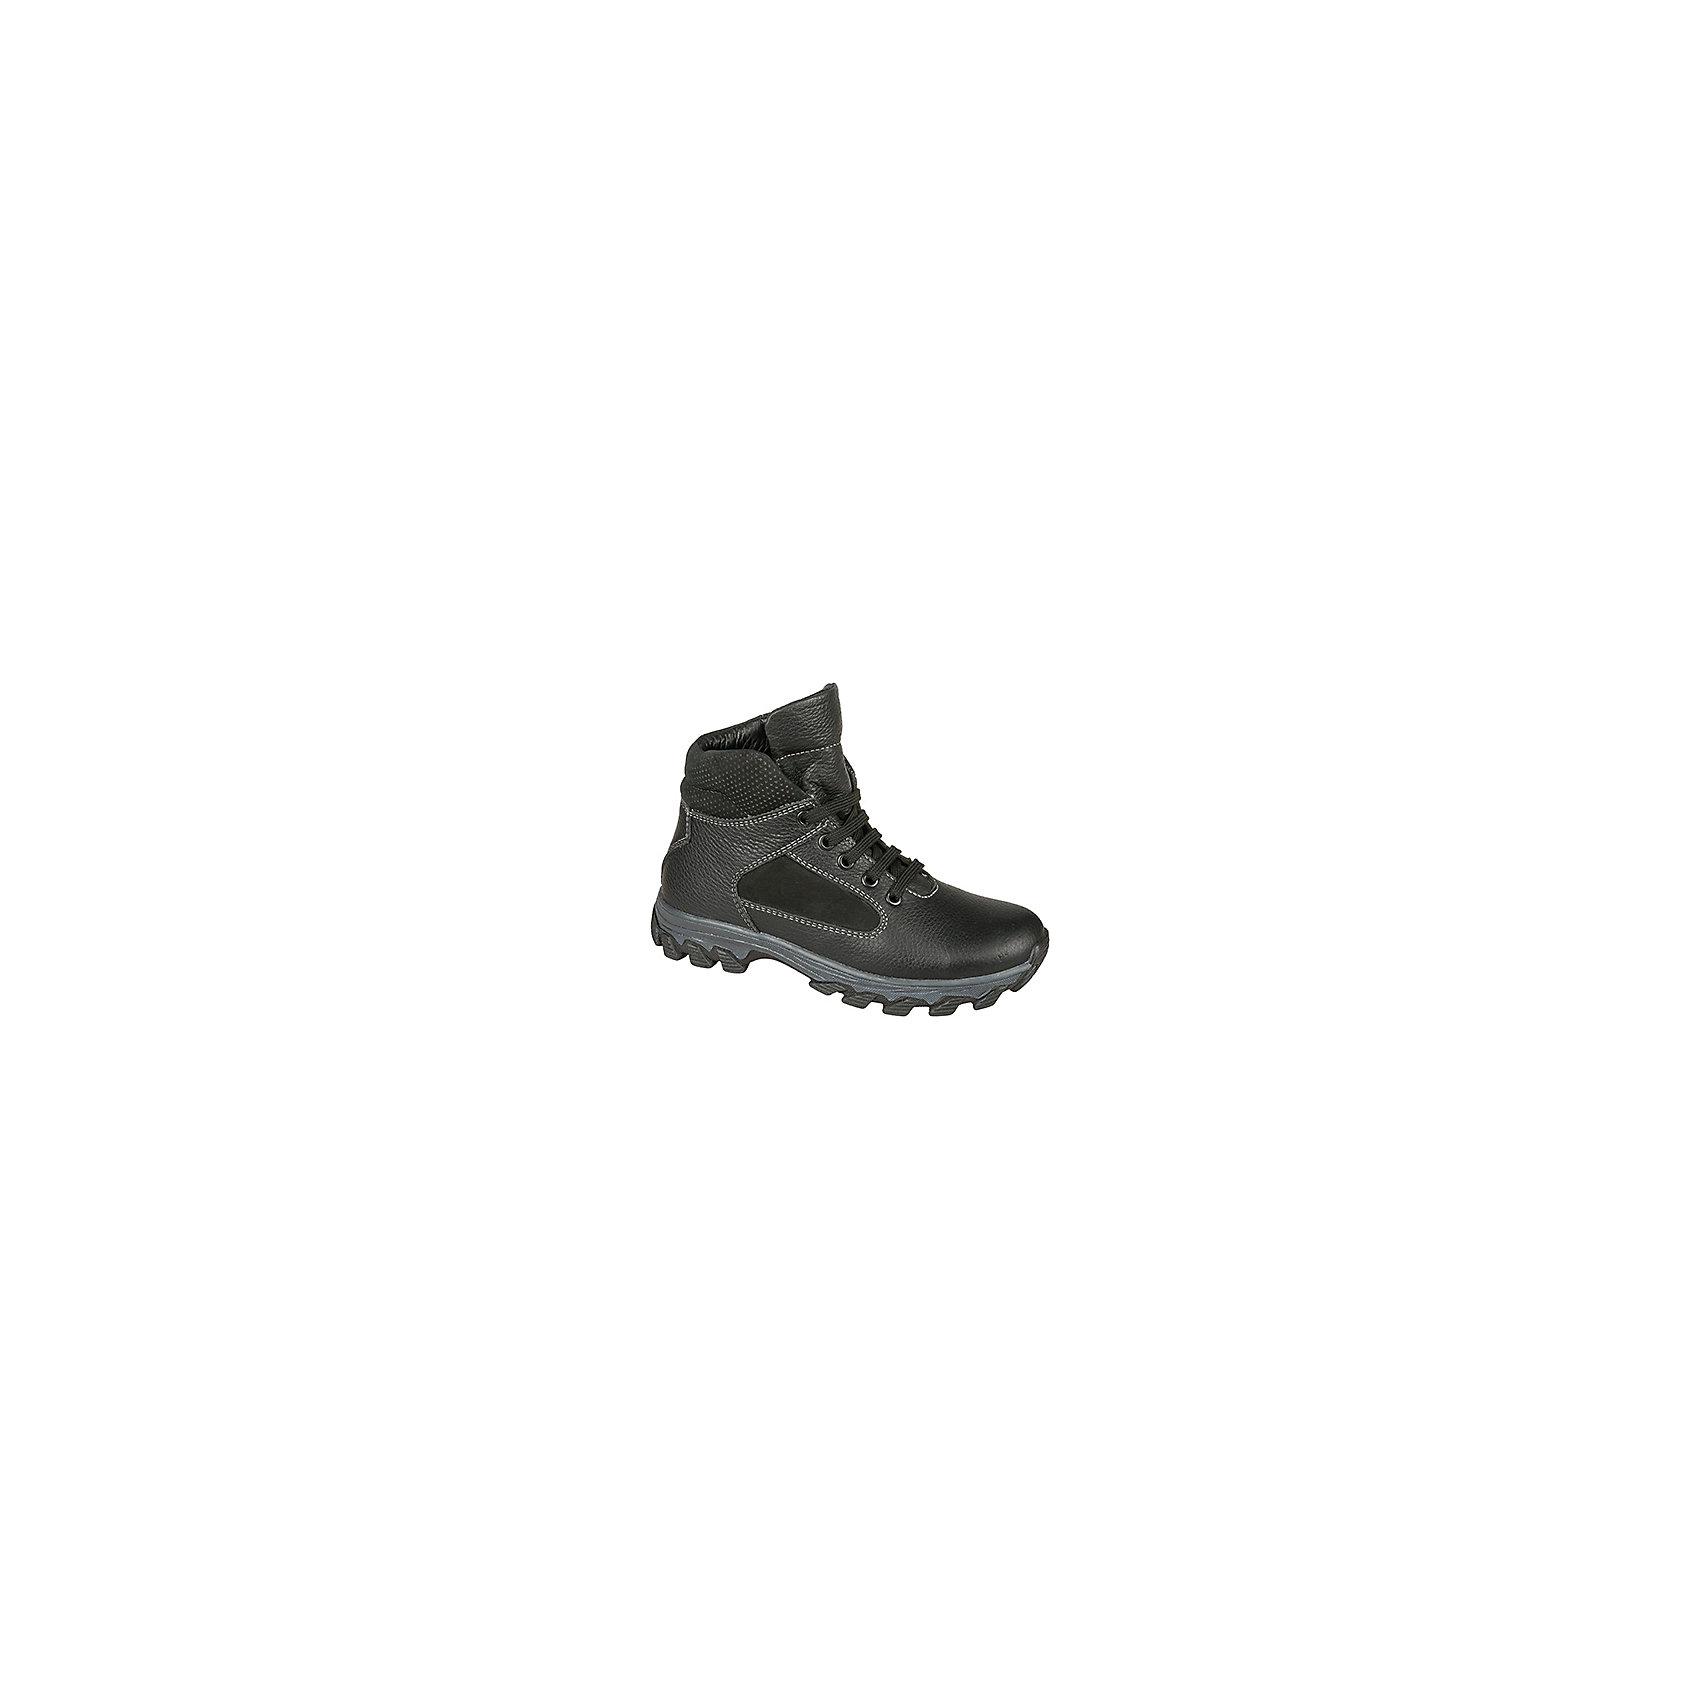 Ботинки для мальчика MursuОбувь<br>Ботинки для мальчика MURSU (Мурсу).<br><br>Характеристики:<br><br>• цвет: черный<br>• температурный режим до -25С<br>• материал верха: натуральная кожа<br>• внутренний материал: натуральная шерсть<br>• стелька: шерсть<br>• застежка-молния сбоку, шнурки<br>• сезон: зима<br><br>Удобные ботинки MURSU сохранят тепло и подарят комфорт на протяжении всей прогулки. Они изготовлены из натуральной кожи с подкладкой из шерсти. Рифленая подошва обеспечит устойчивость на сколькой дороге. Ботинки застегиваются на молнию сбоку и имеют шнуровку по толщине ноги спереди. Легкие удобные ботинки - отличный выбор для зимних прогулок!<br><br>Ботинки для мальчика MURSU (Мурсу) вы можете купить в нашем интернет-магазине.<br><br>Ширина мм: 262<br>Глубина мм: 176<br>Высота мм: 97<br>Вес г: 427<br>Цвет: черный<br>Возраст от месяцев: 144<br>Возраст до месяцев: 156<br>Пол: Мужской<br>Возраст: Детский<br>Размер: 36,39,37,38<br>SKU: 4862743